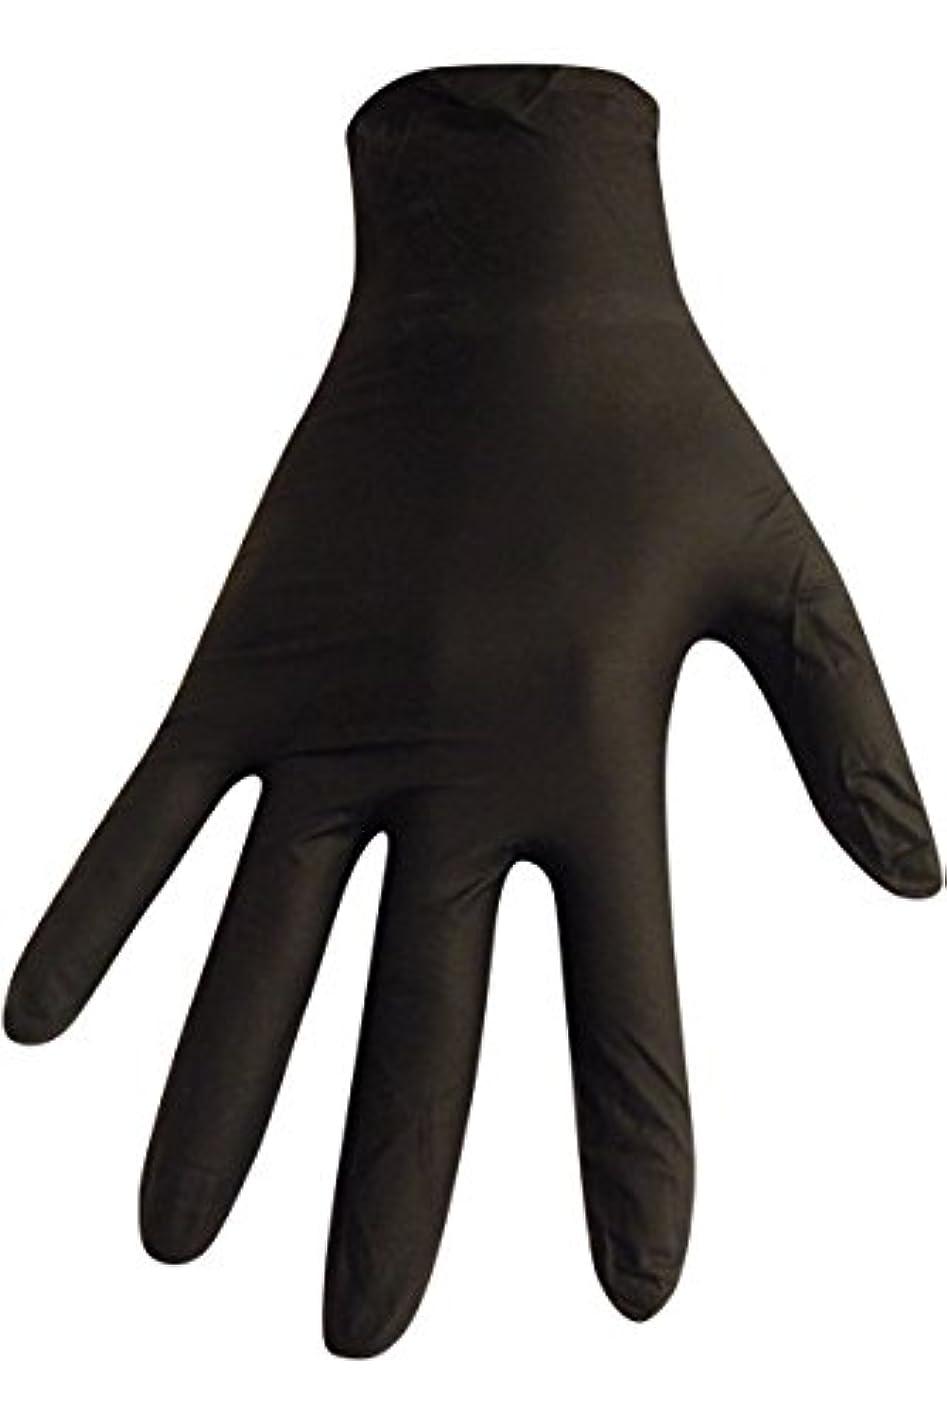 説得力のある消費者日【箱なし発送】ニトリル極薄手袋 S?M?L 選べる6色(100枚入) (M, ブラック)